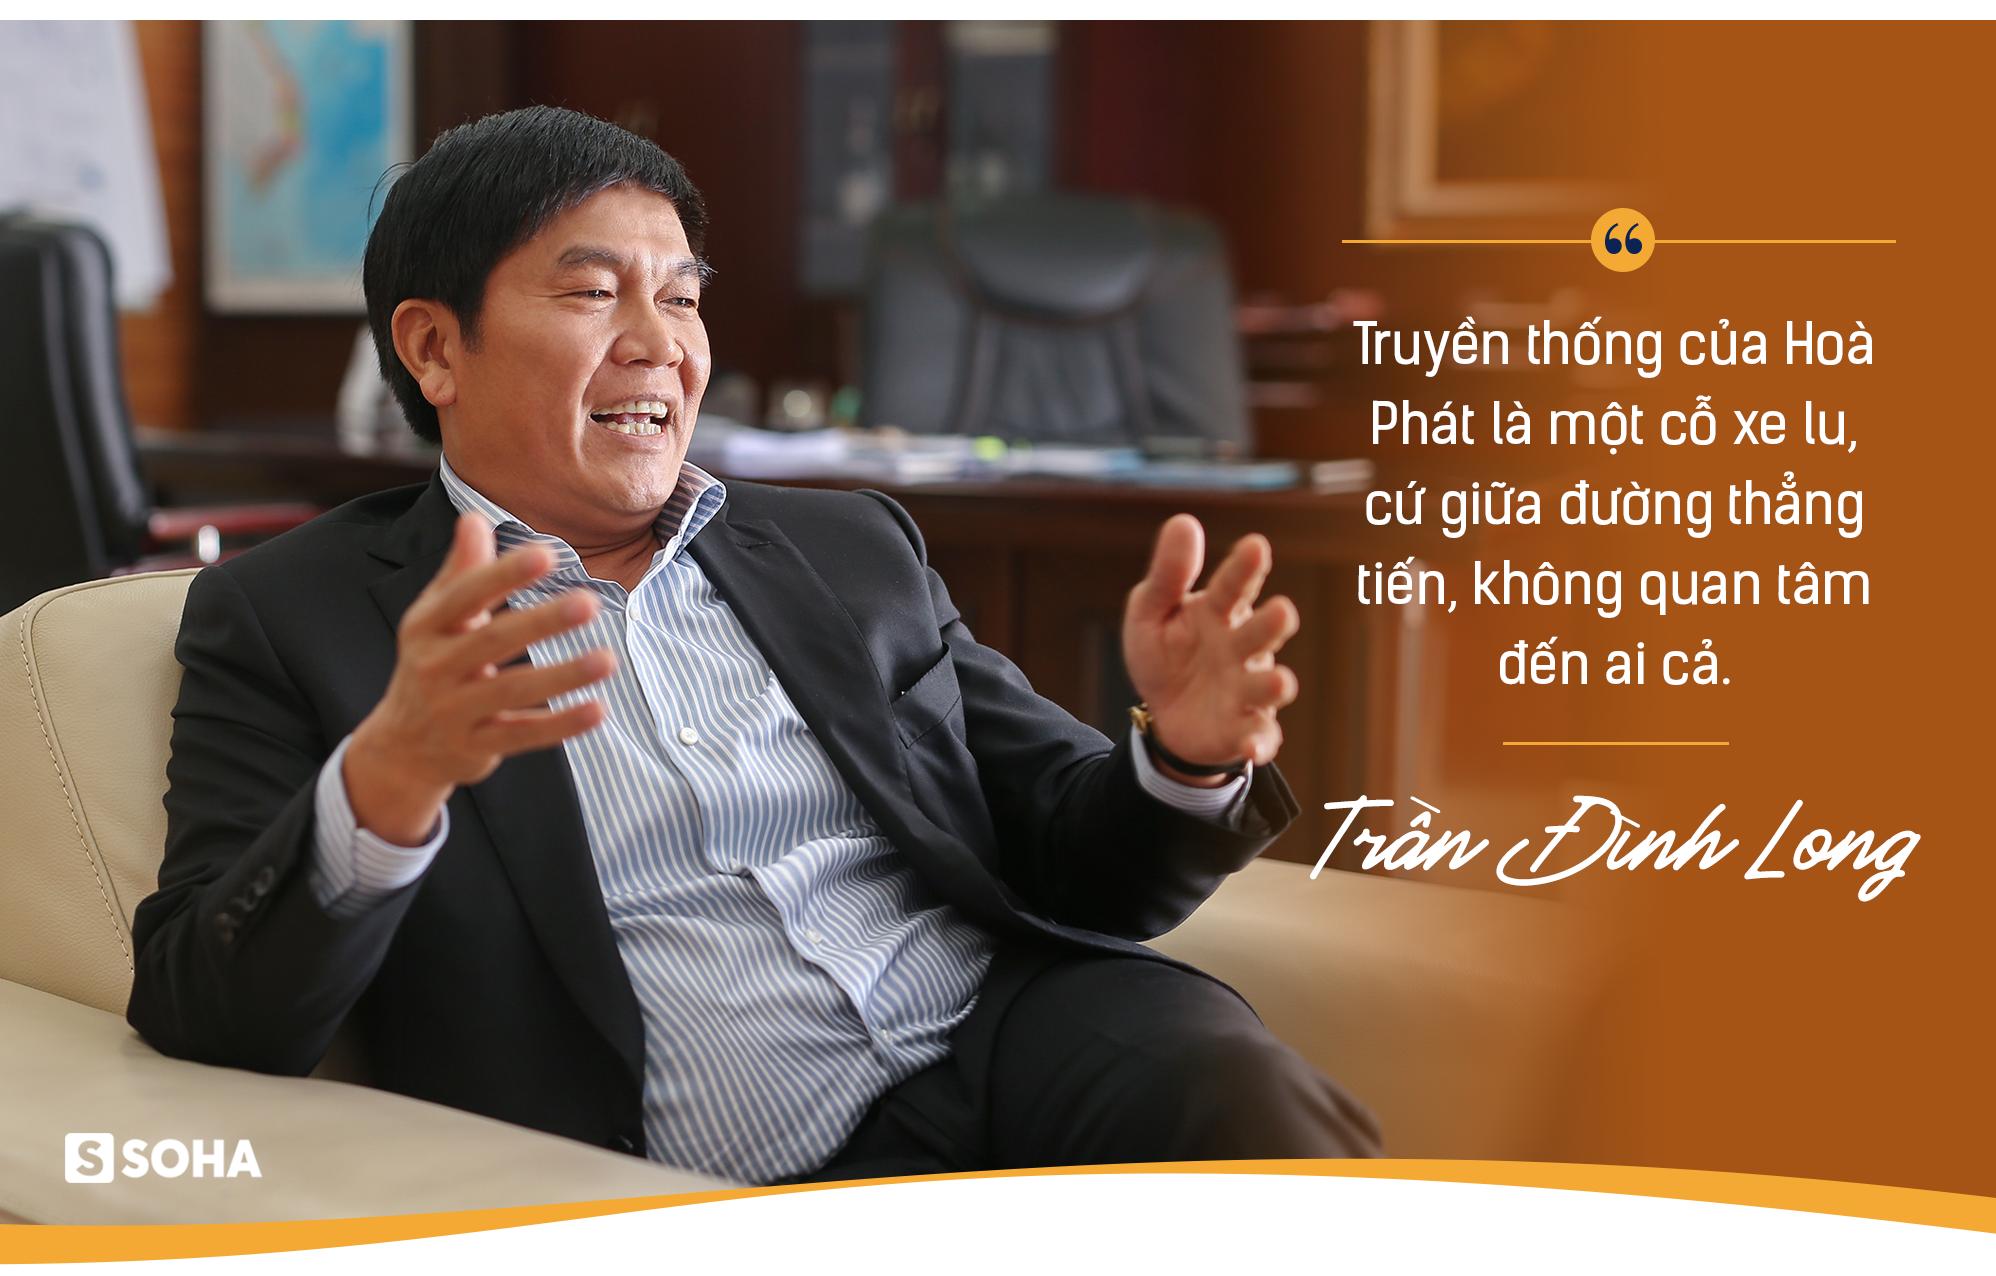 Trần Đình Long: Tỷ phú tuổi trâu, nhàn nhất Việt Nam - Ảnh 7.